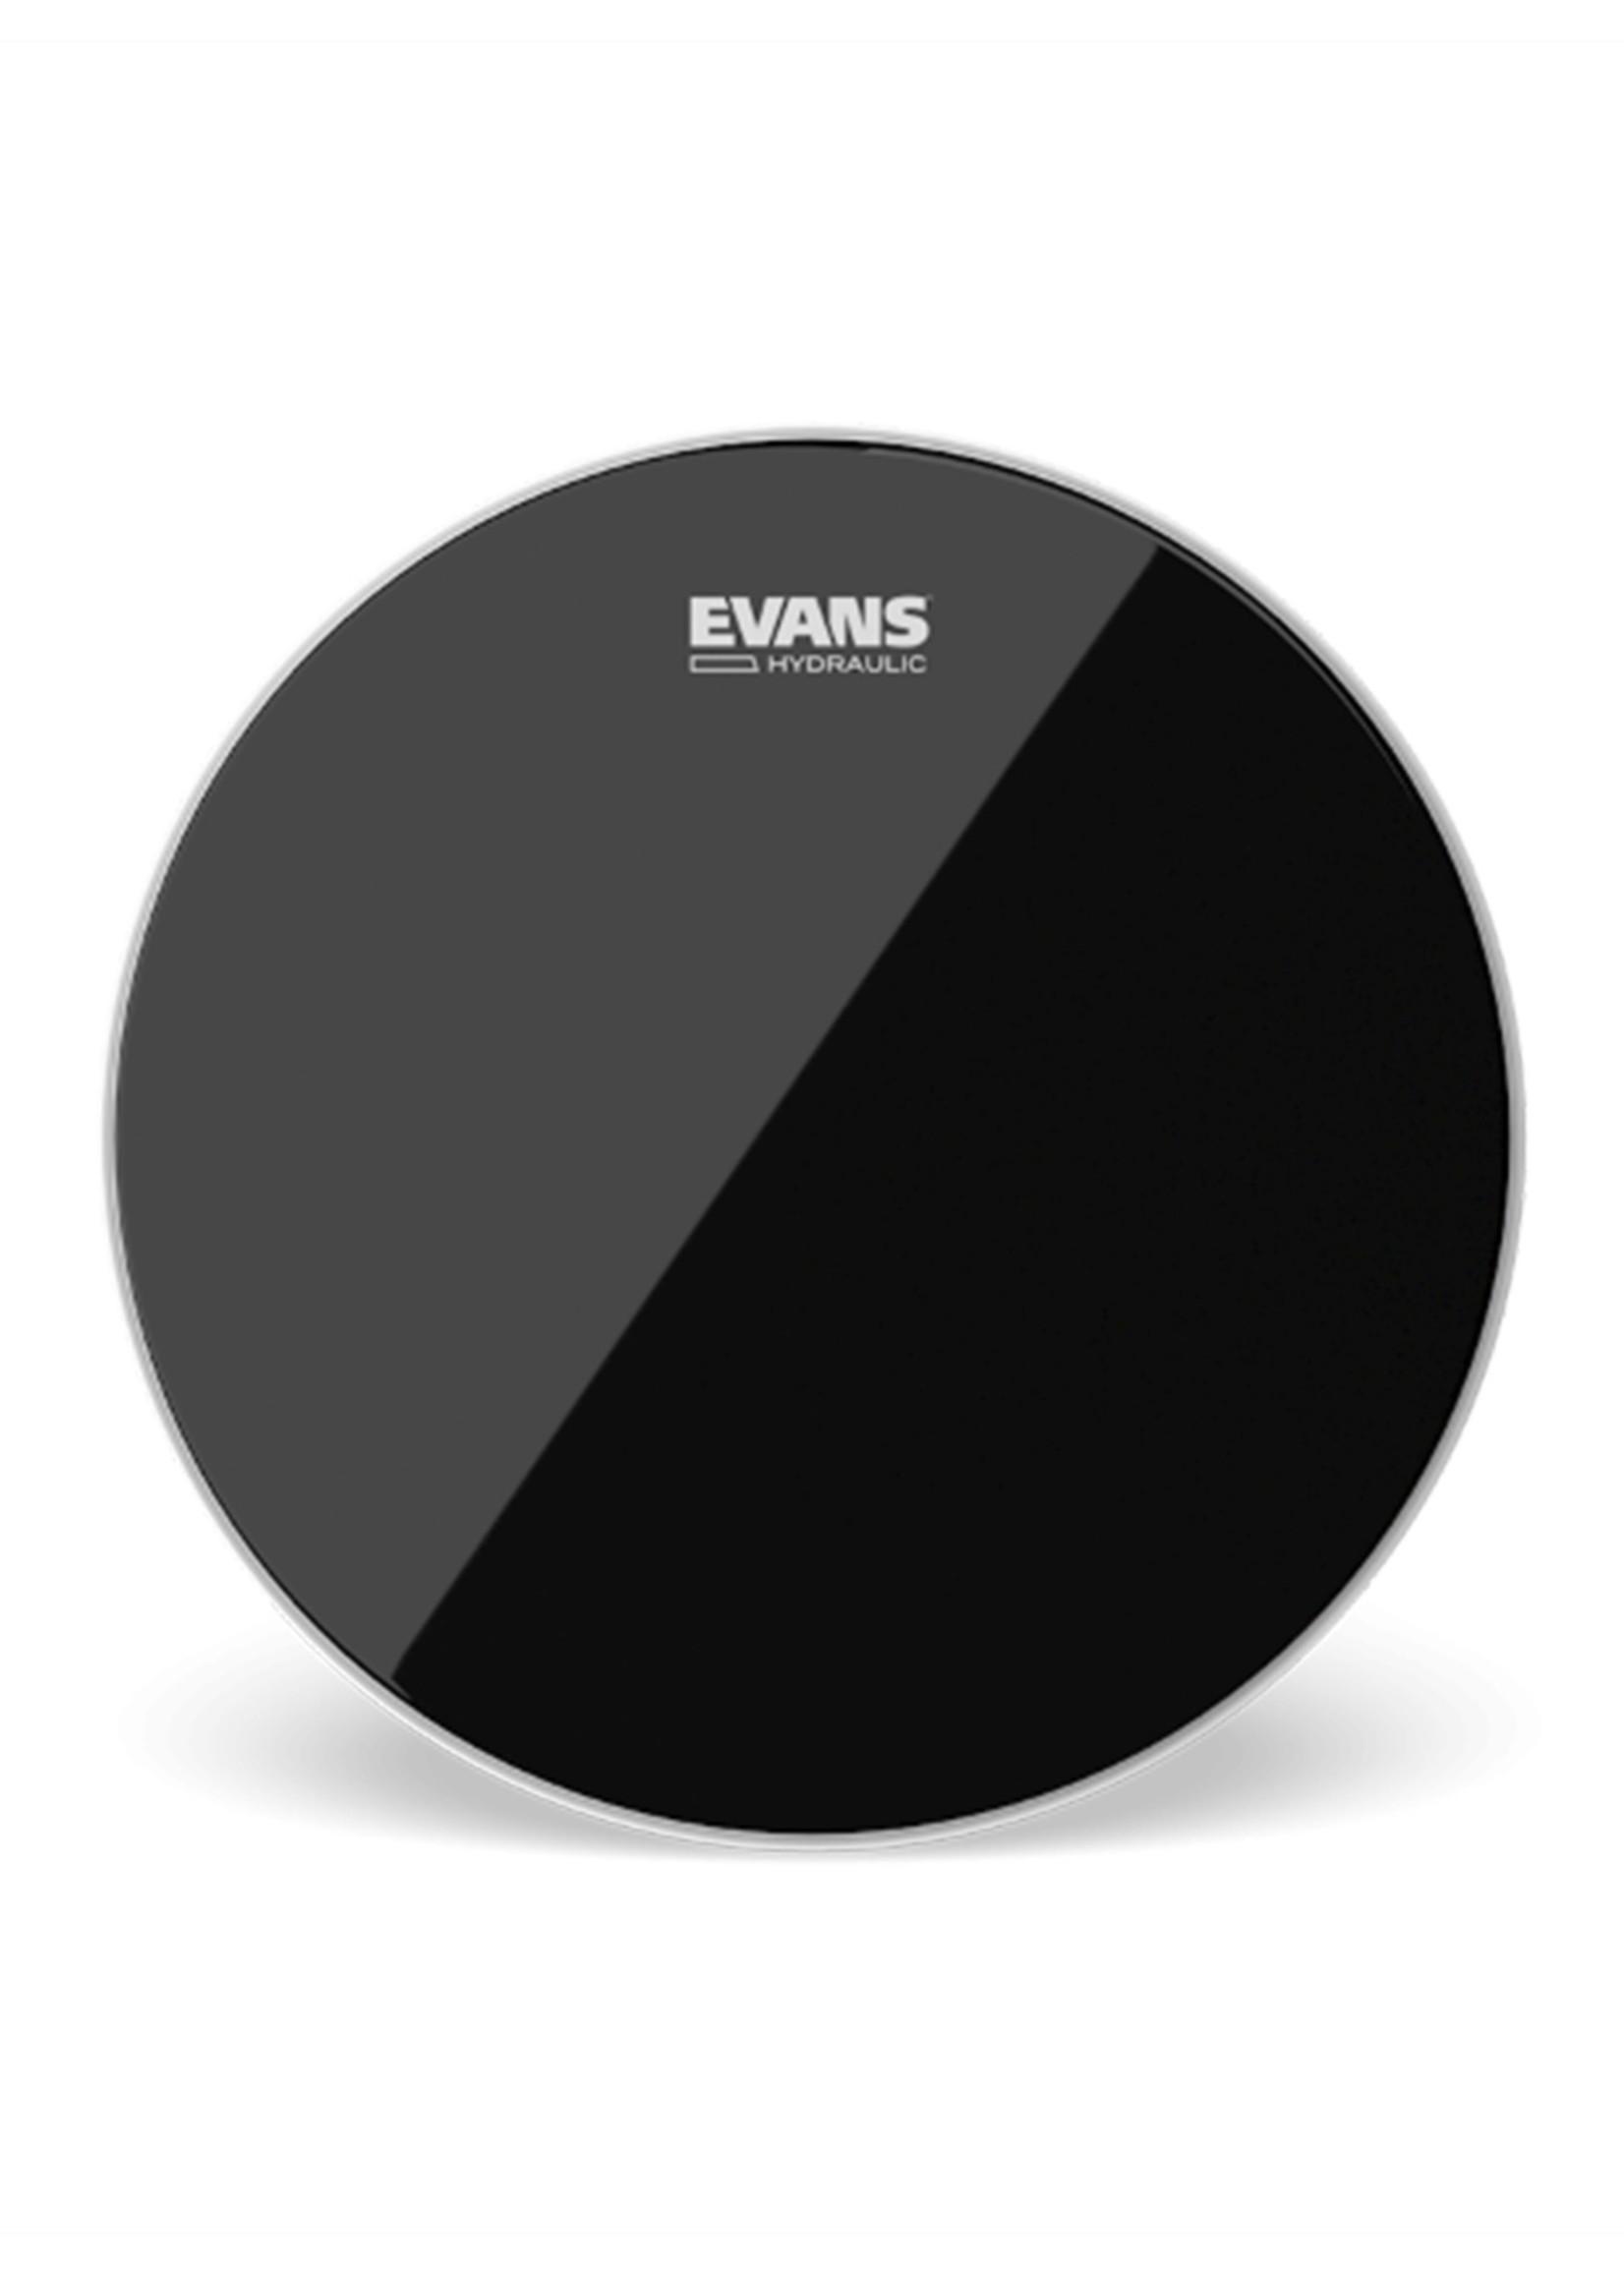 """Evans 13"""" Hydraulic Black"""